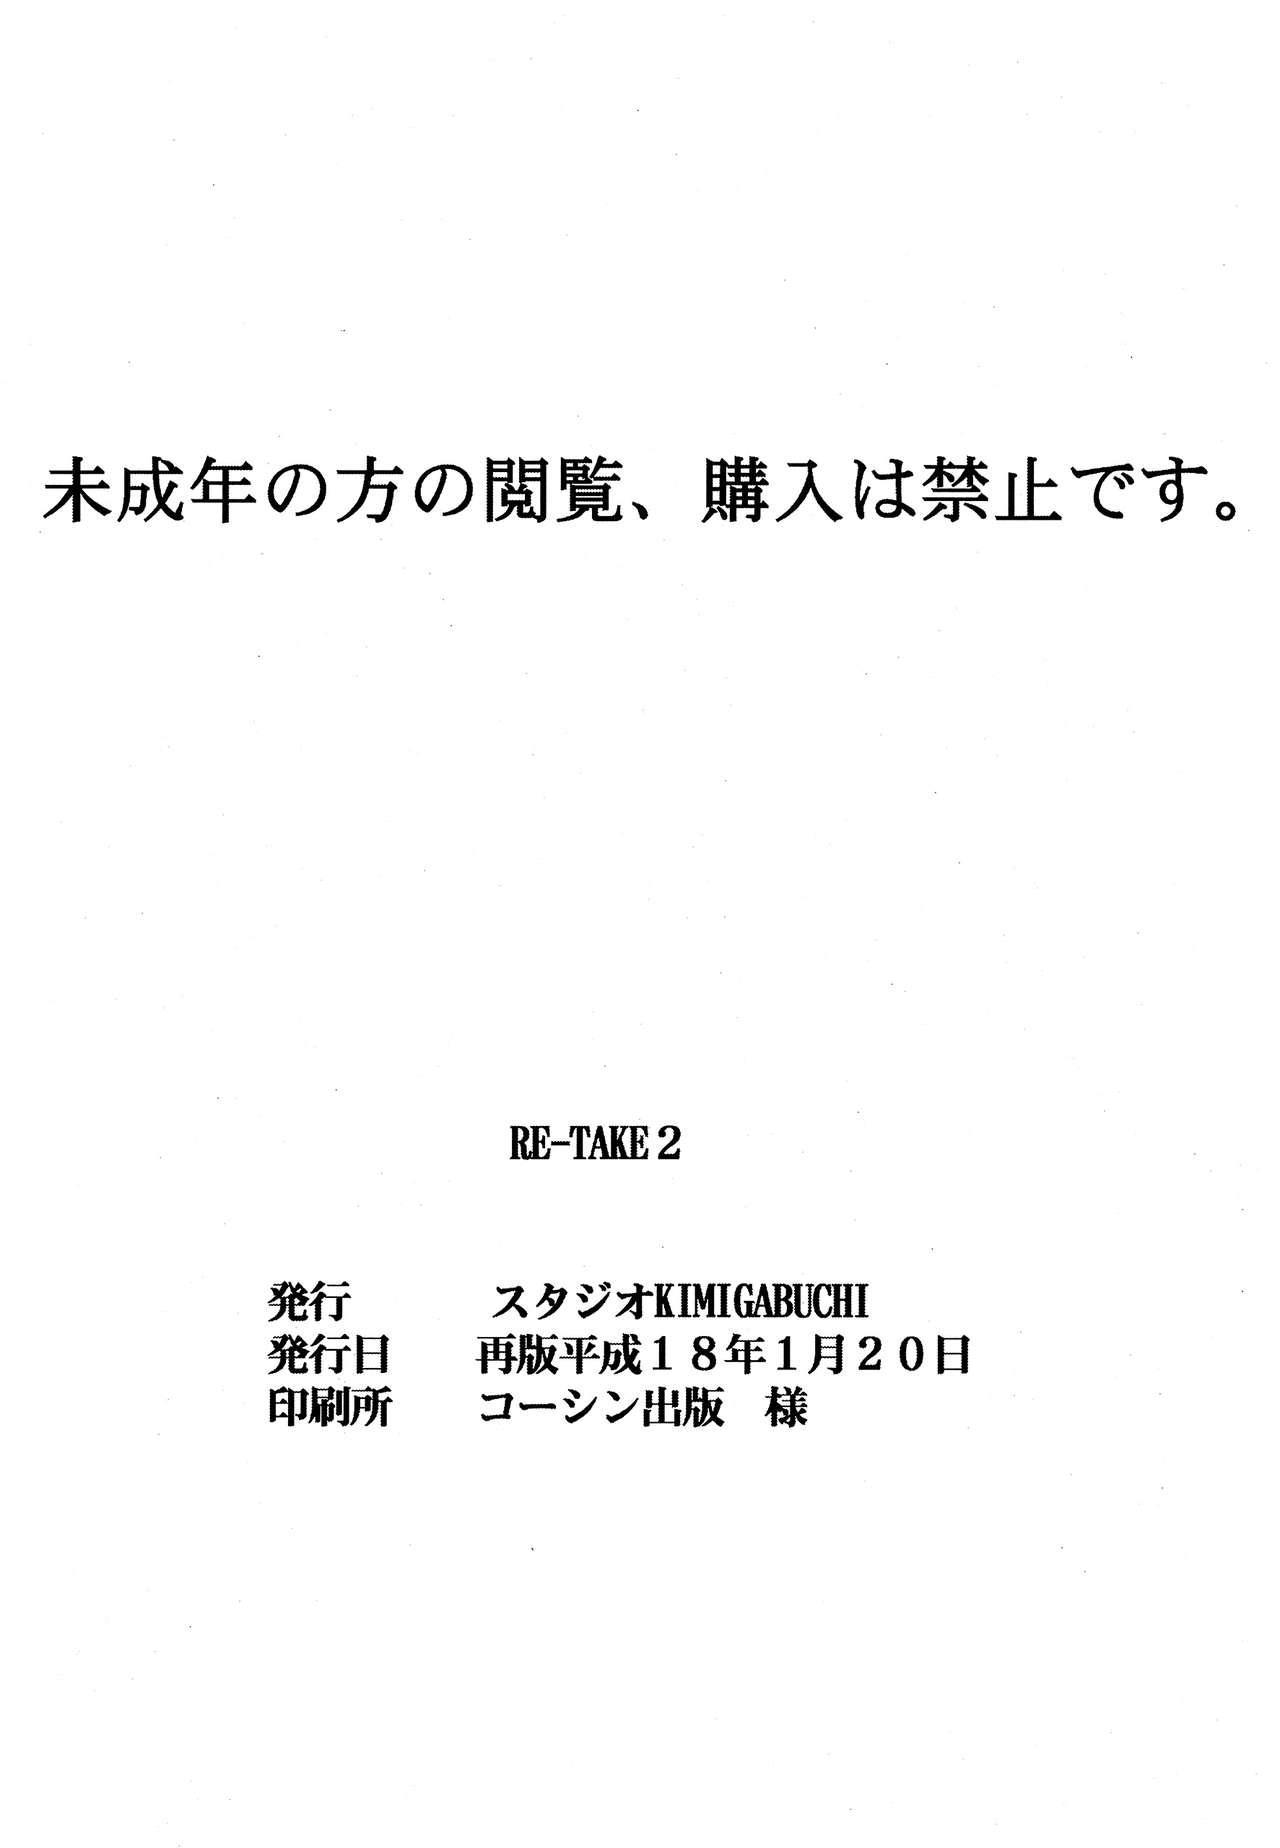 RE-TAKE 2 97